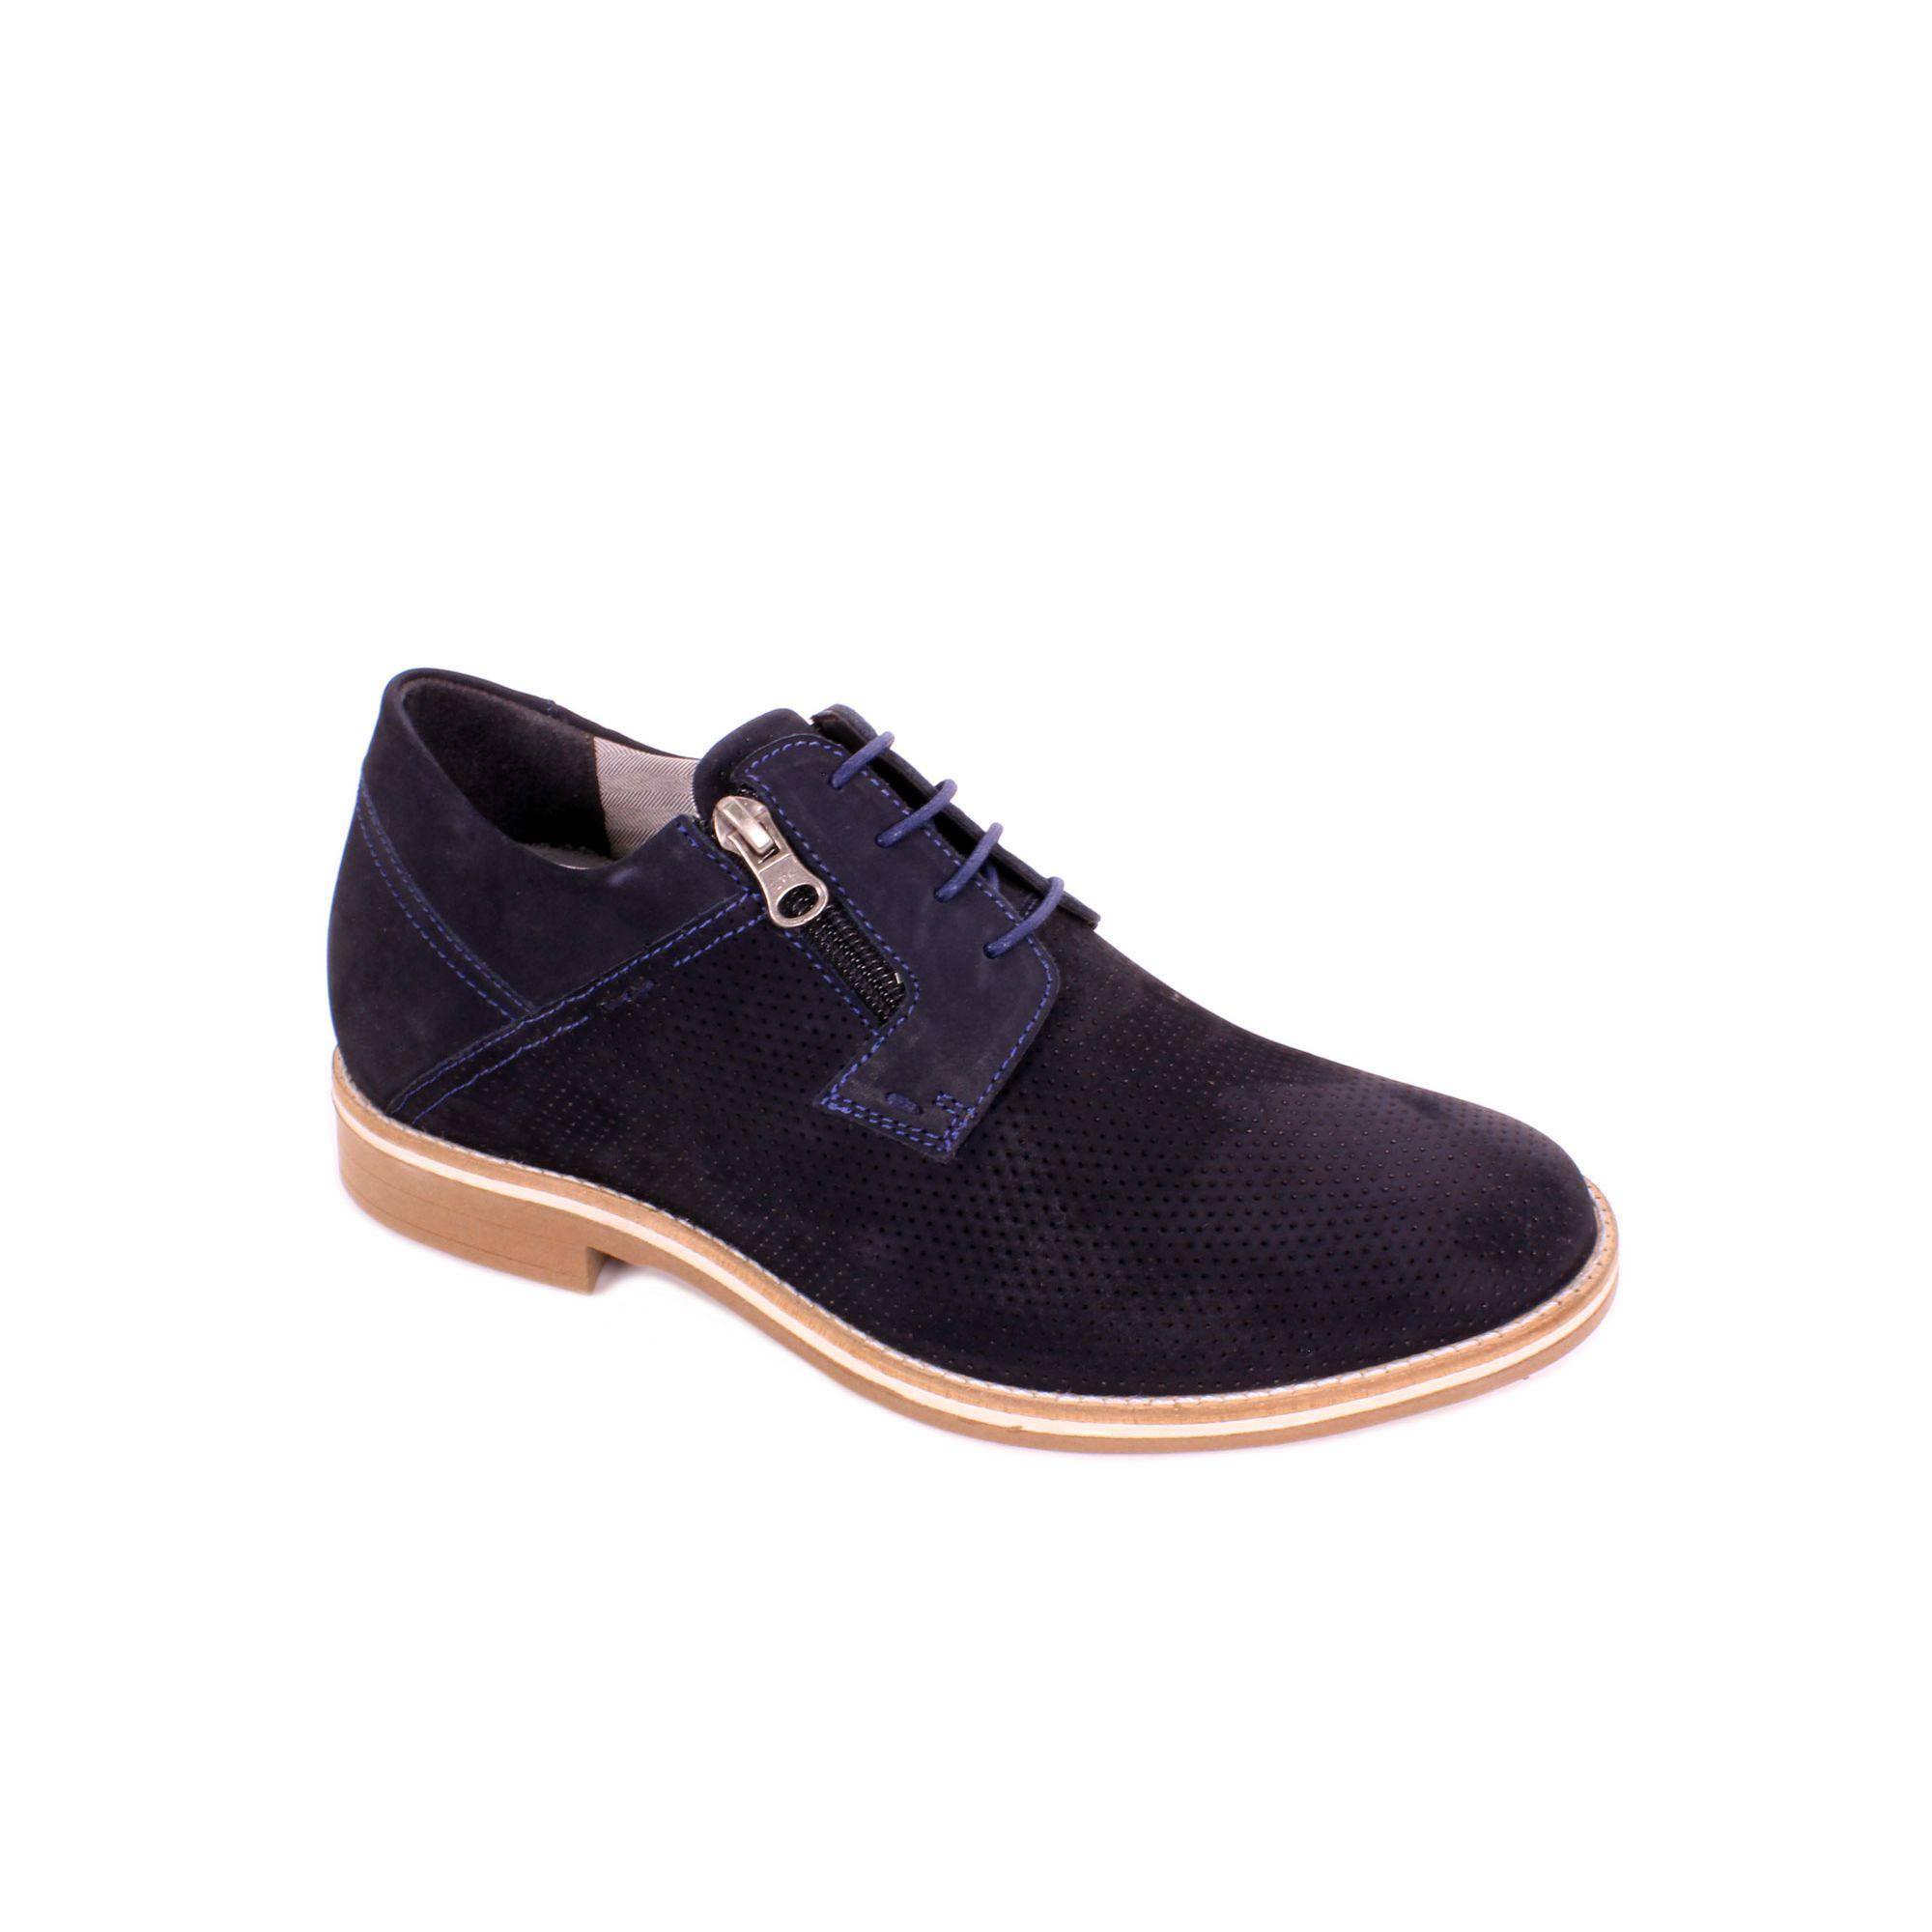 Zapato Casual Break Azul Max Denegri +7cm de Altura_70941